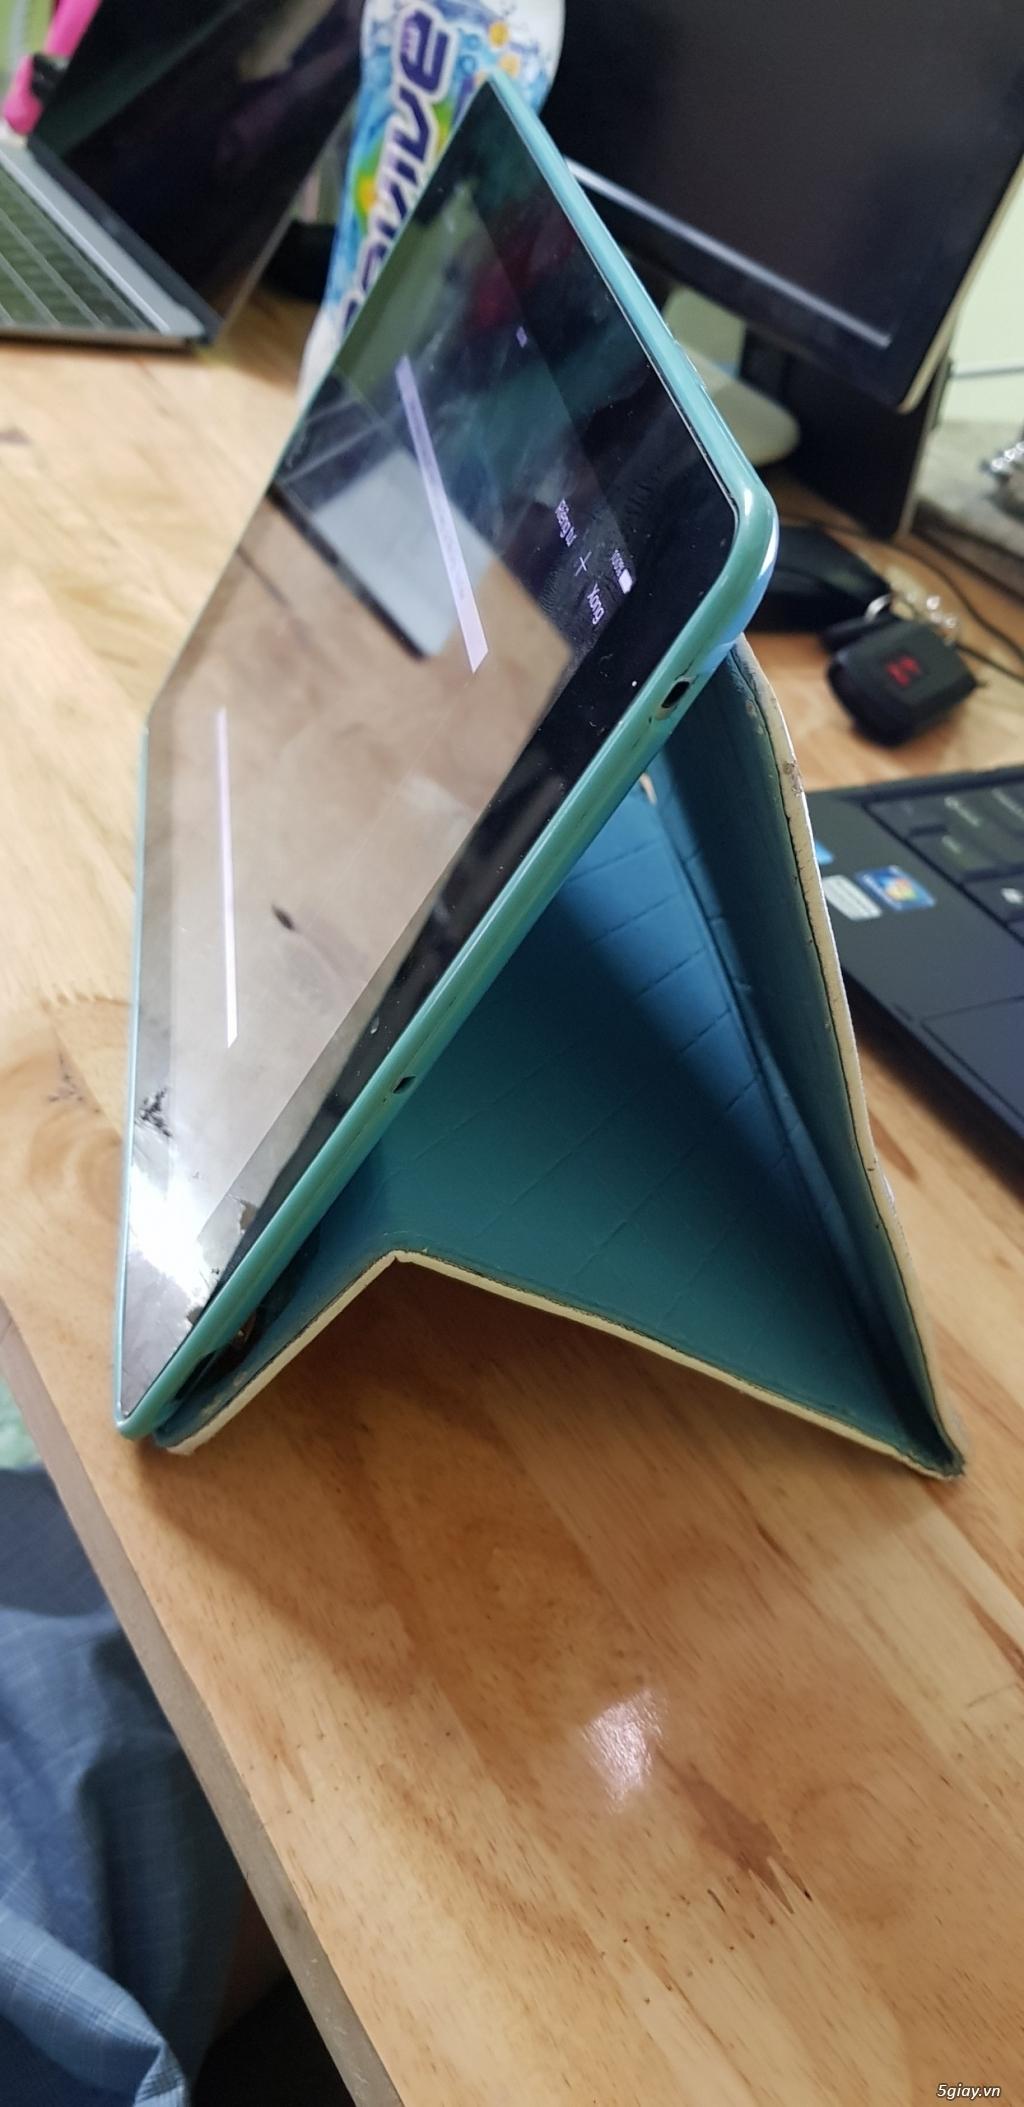 ipad 3 WiFi bản 64GB màu siver giá 2tr4 - 2